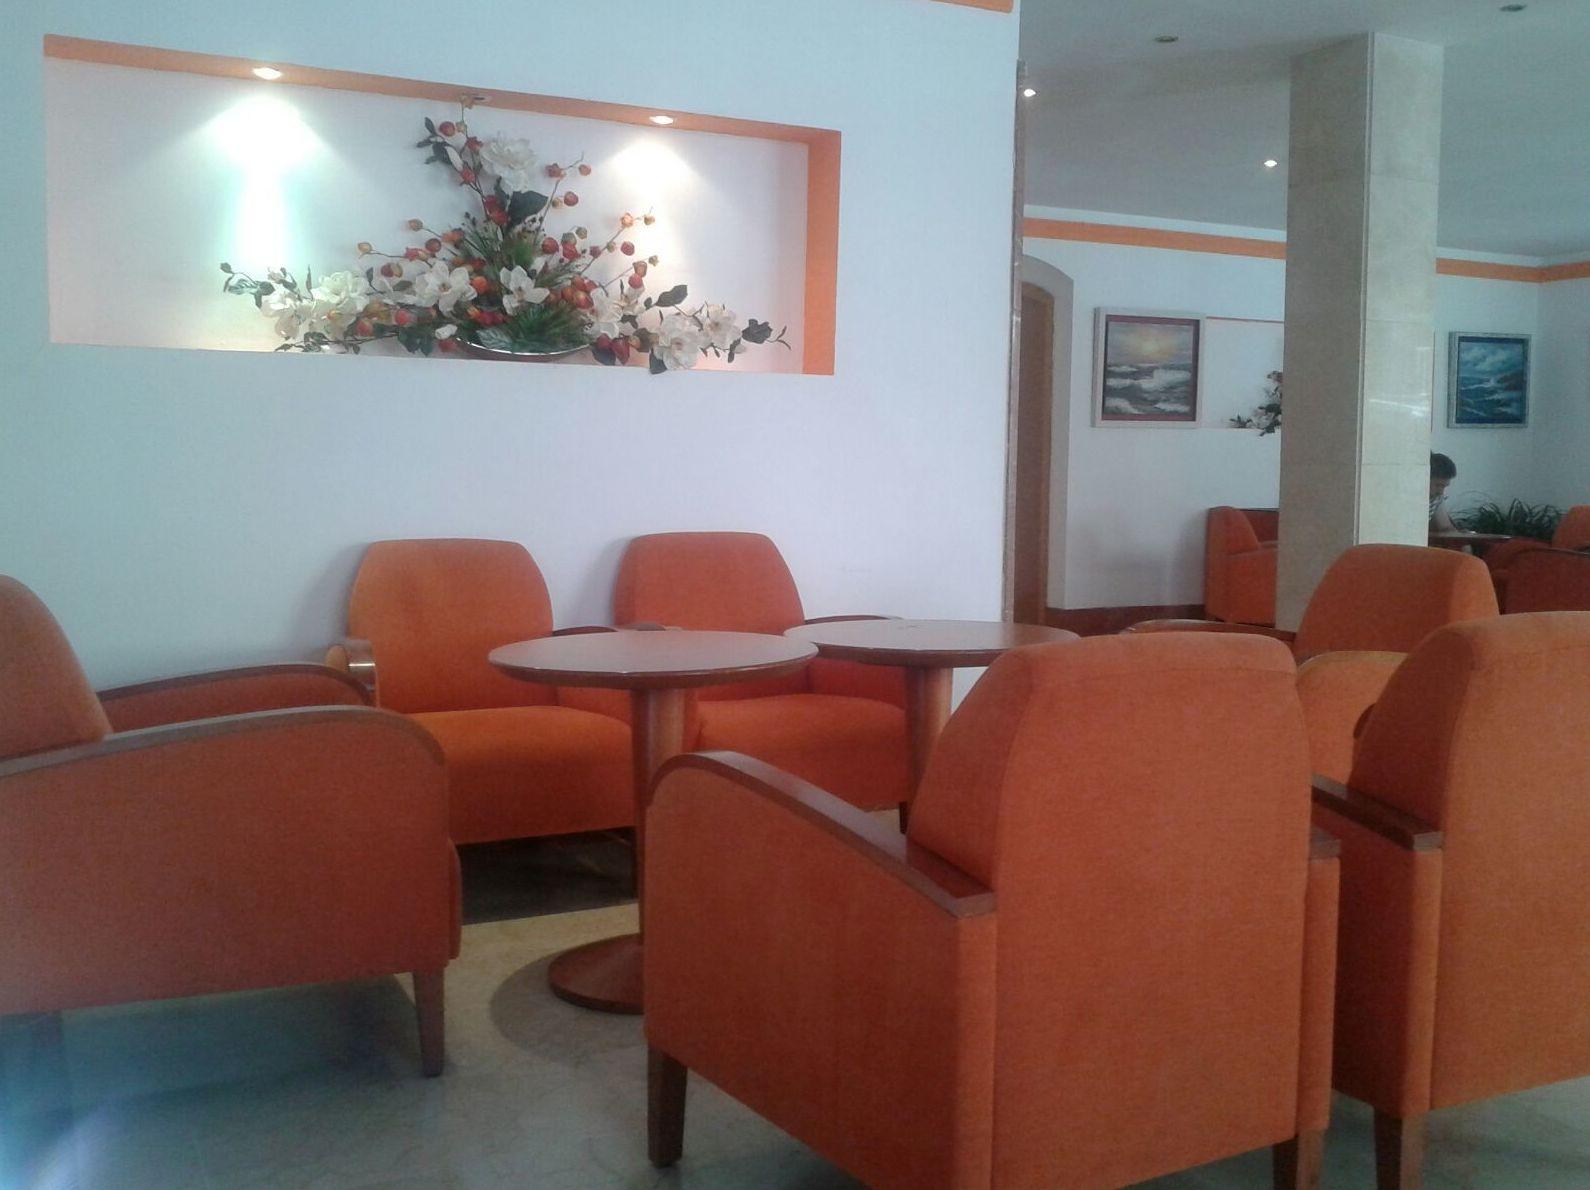 Foto 22 De Hotel De Playa En Palma Hotel Lebl 243 N